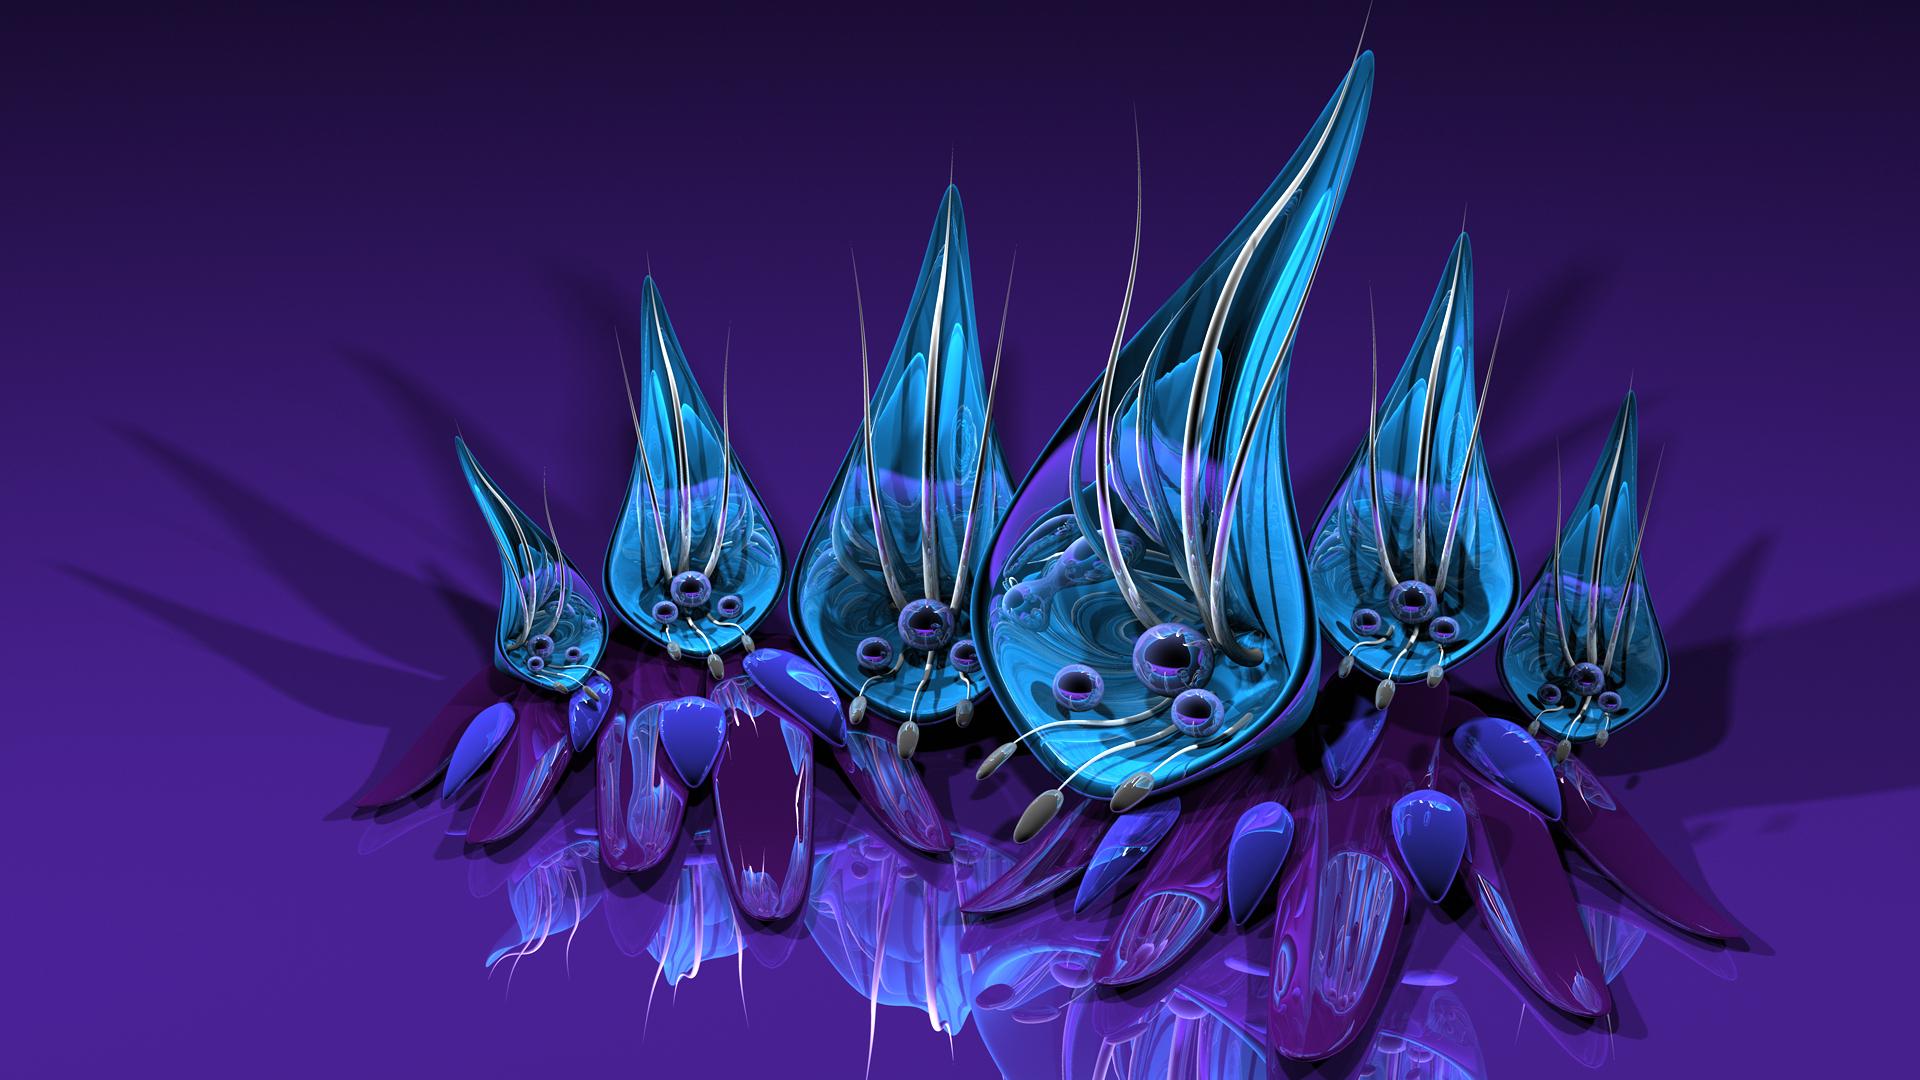 Fond Décran Illustration 3d Espace Dragon Fleur